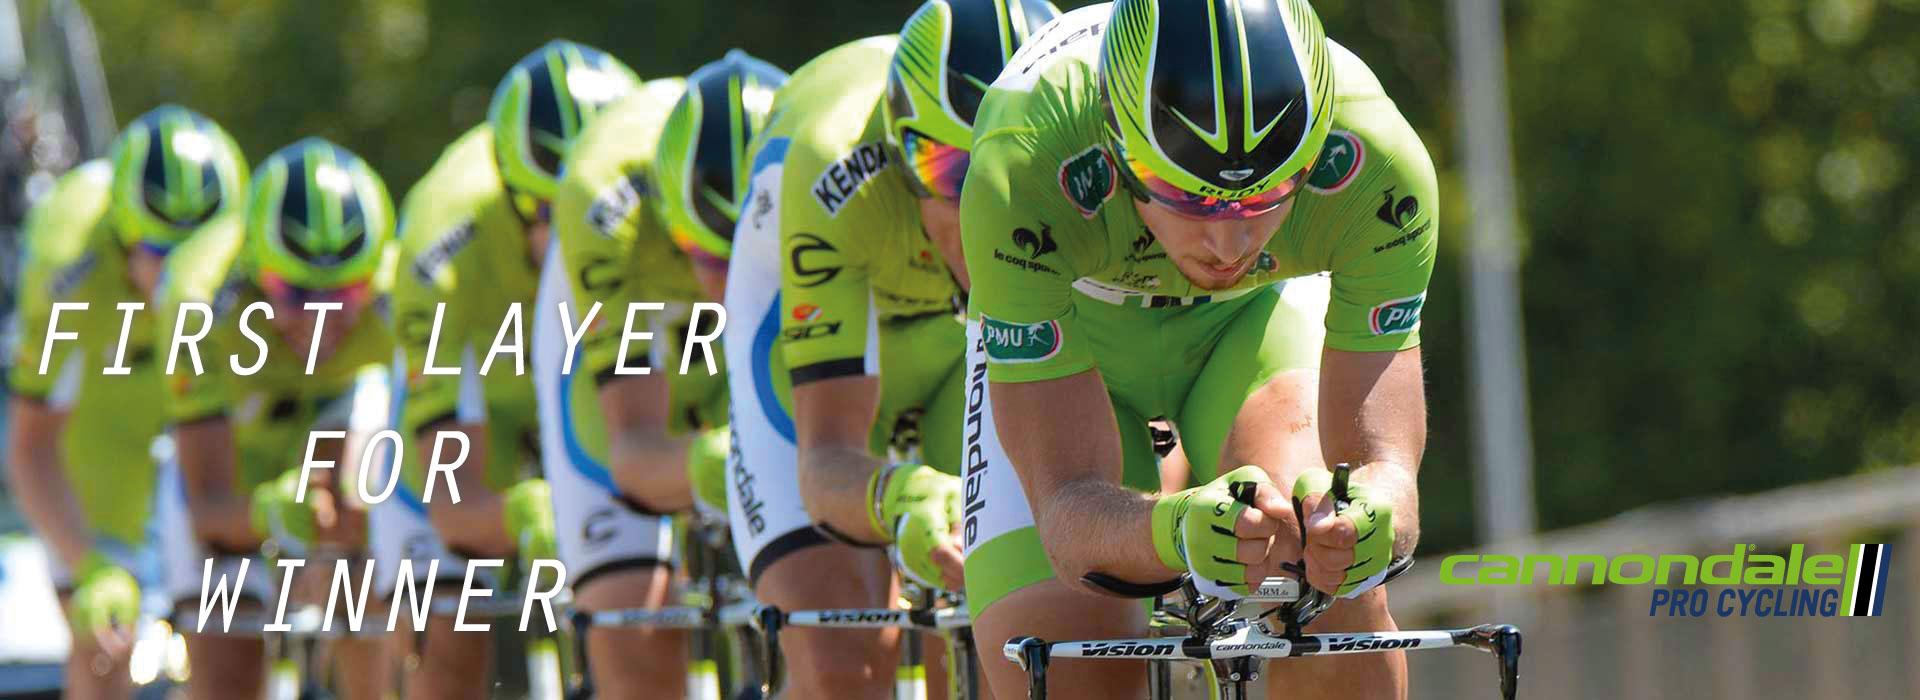 Sous vêtement cycliste, vélo, triathlon - OUTWET